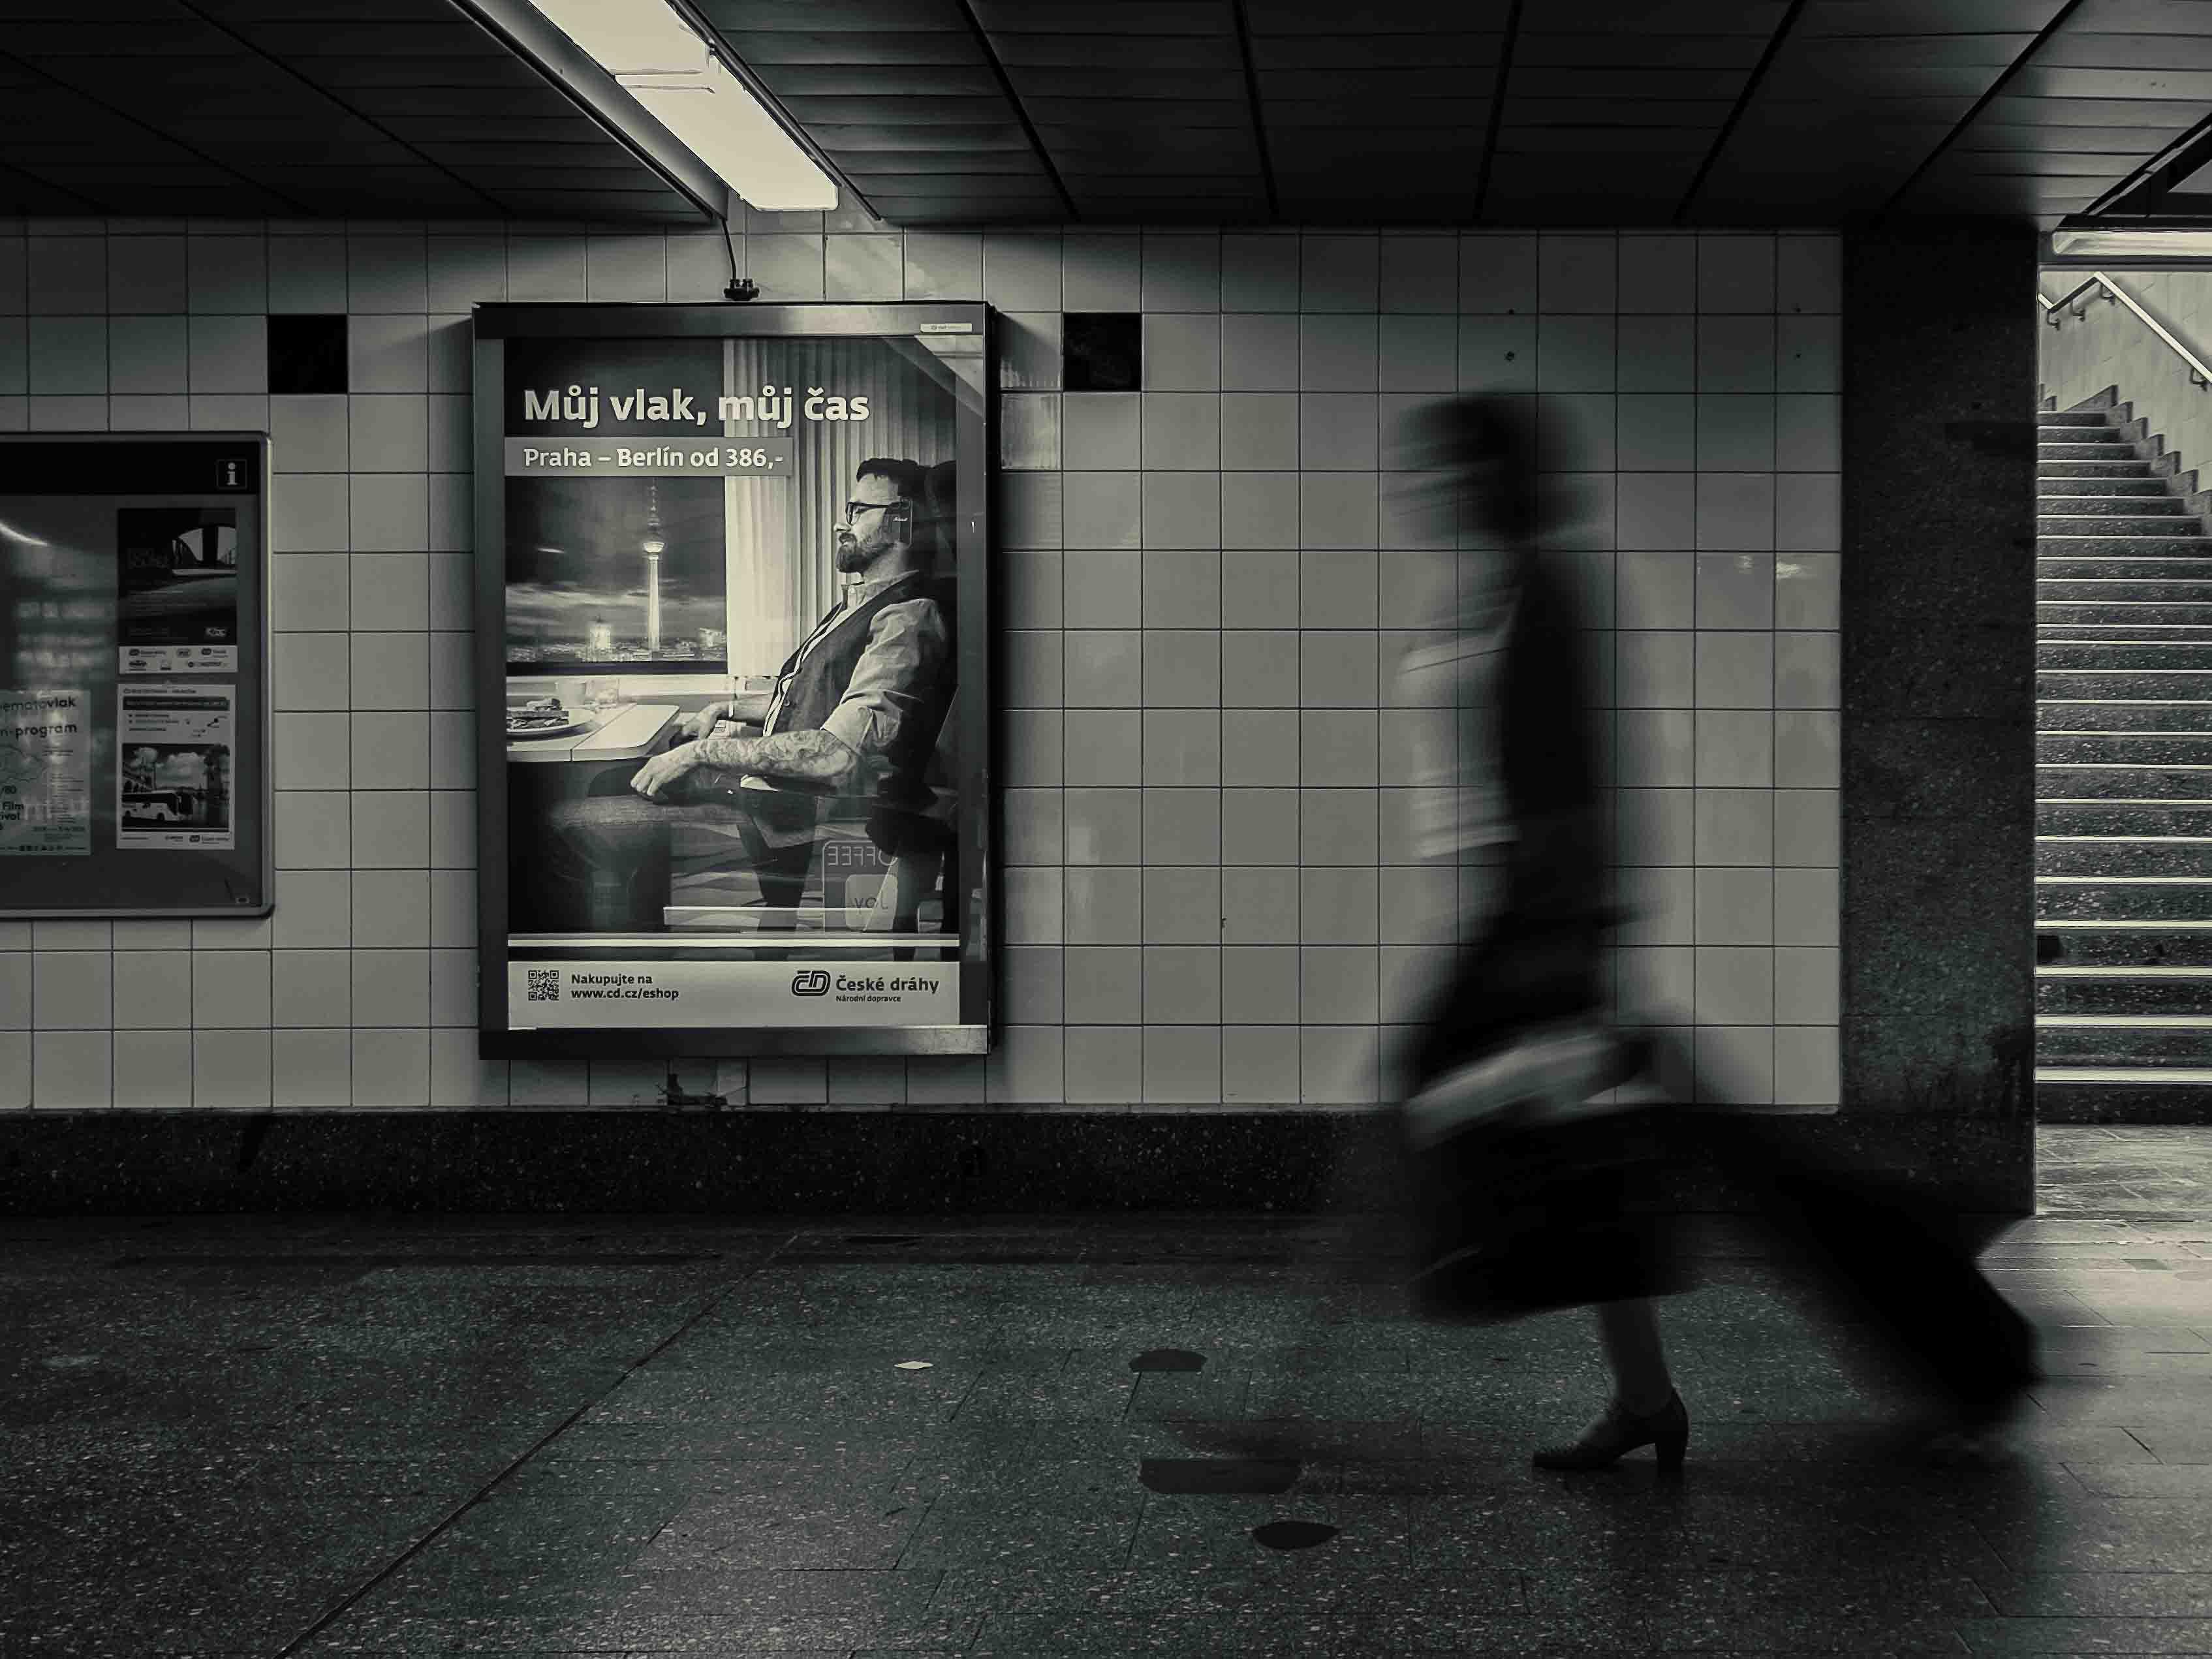 Černobílá dokumentární fotografie podchodu hlavního nádraží v Praze od Jan Stojan Photography ©